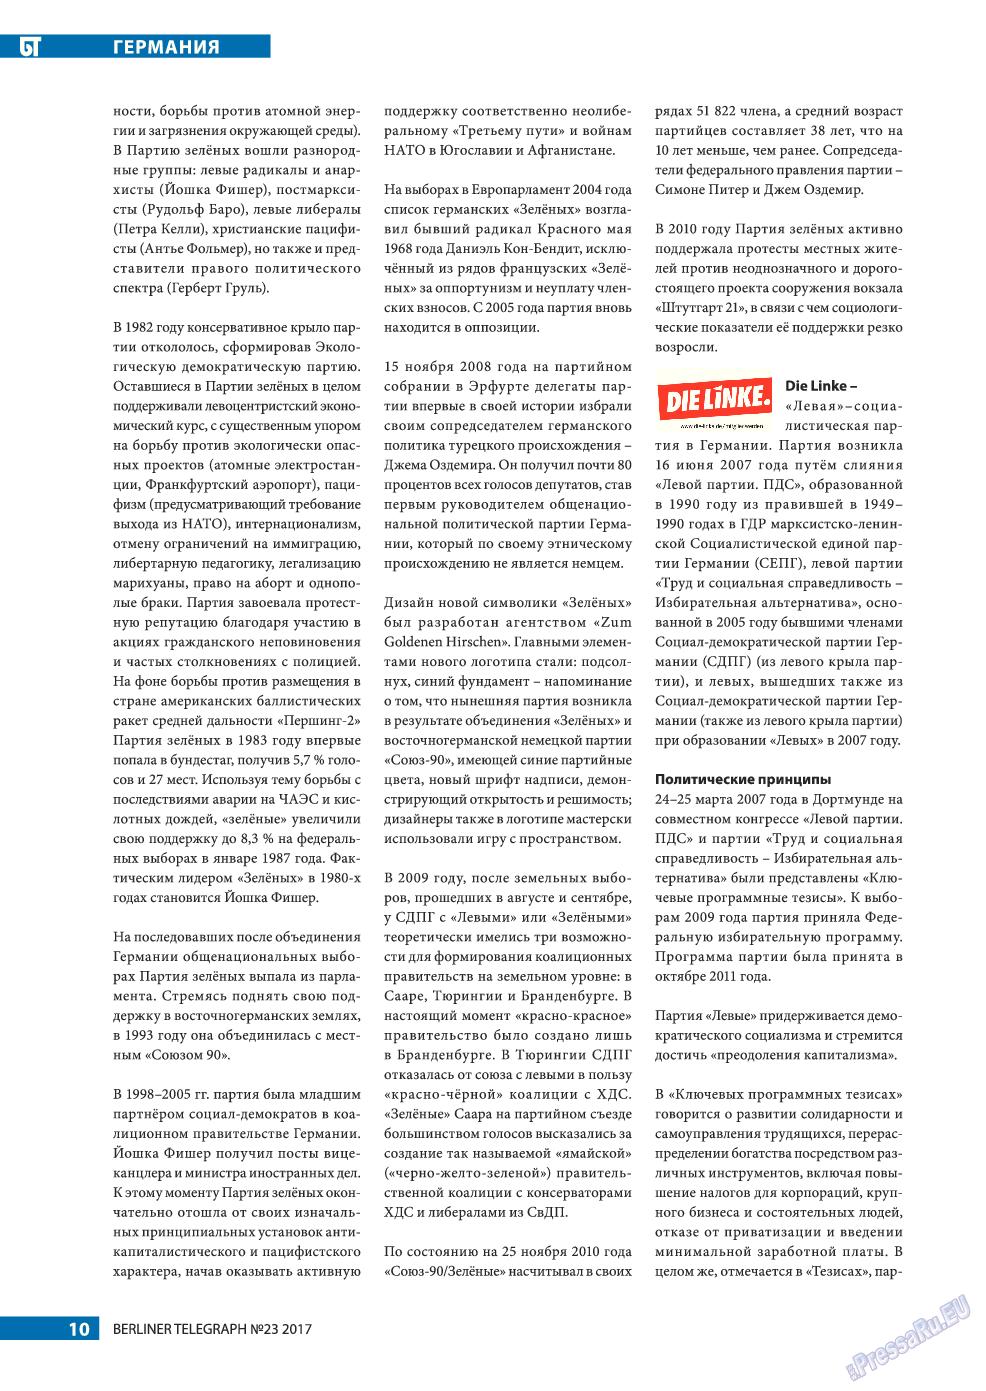 Берлинский телеграф (журнал). 2017 год, номер 23, стр. 10